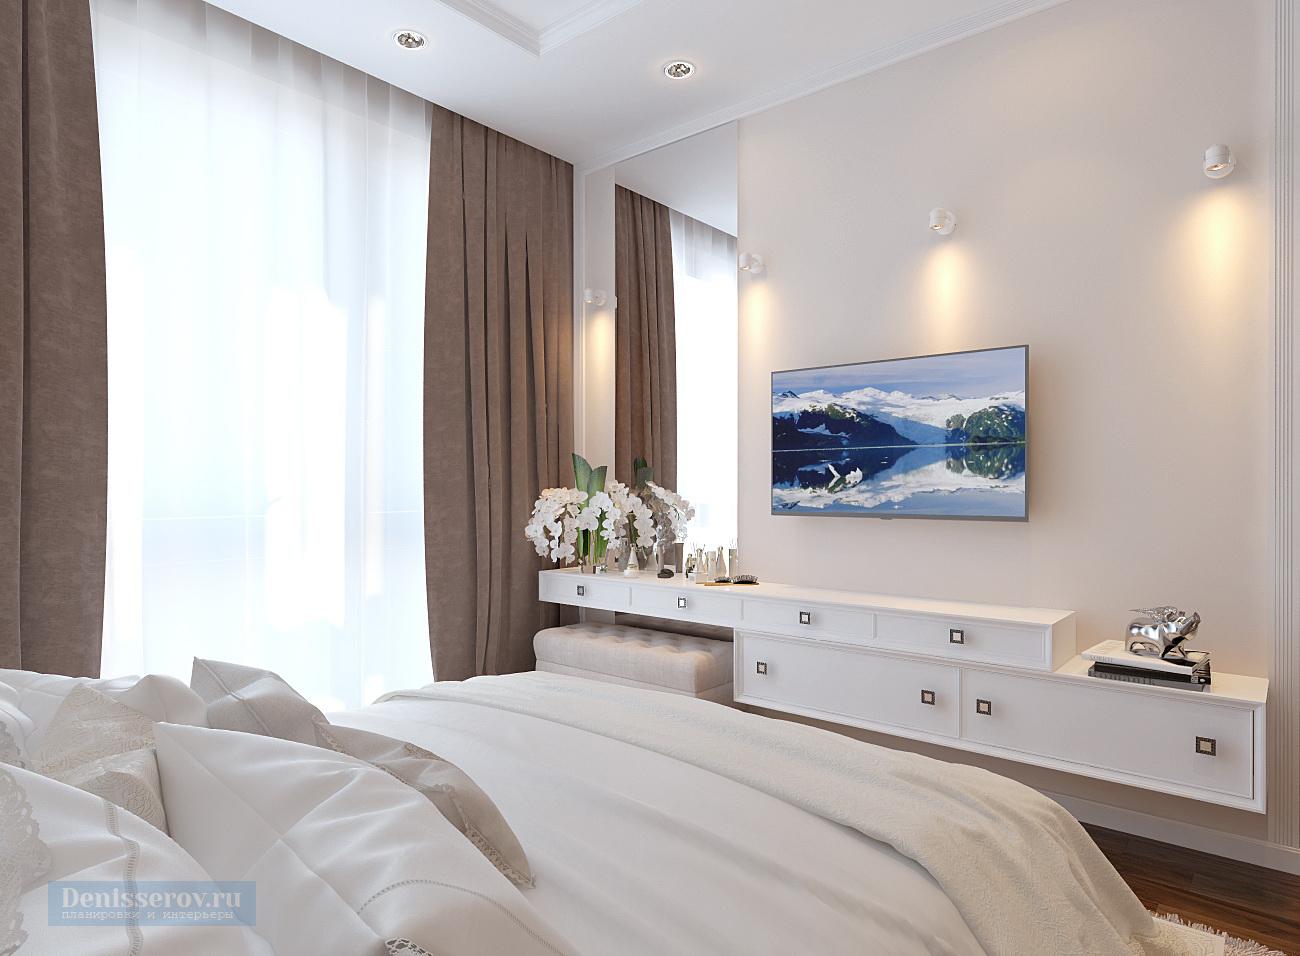 дизайн проект спальни 12 кв.м.